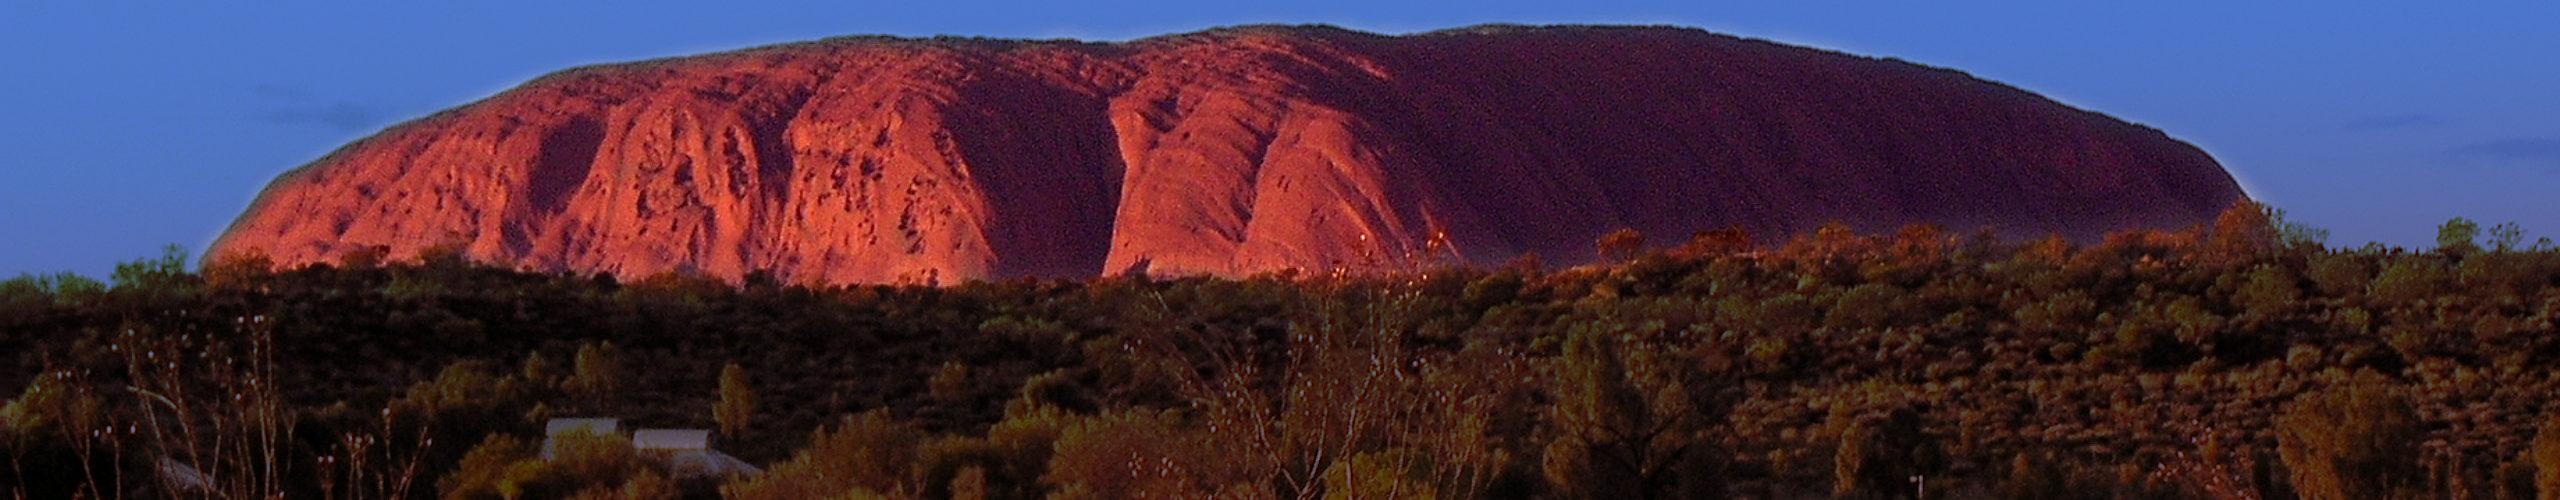 Aborigine featured image 1